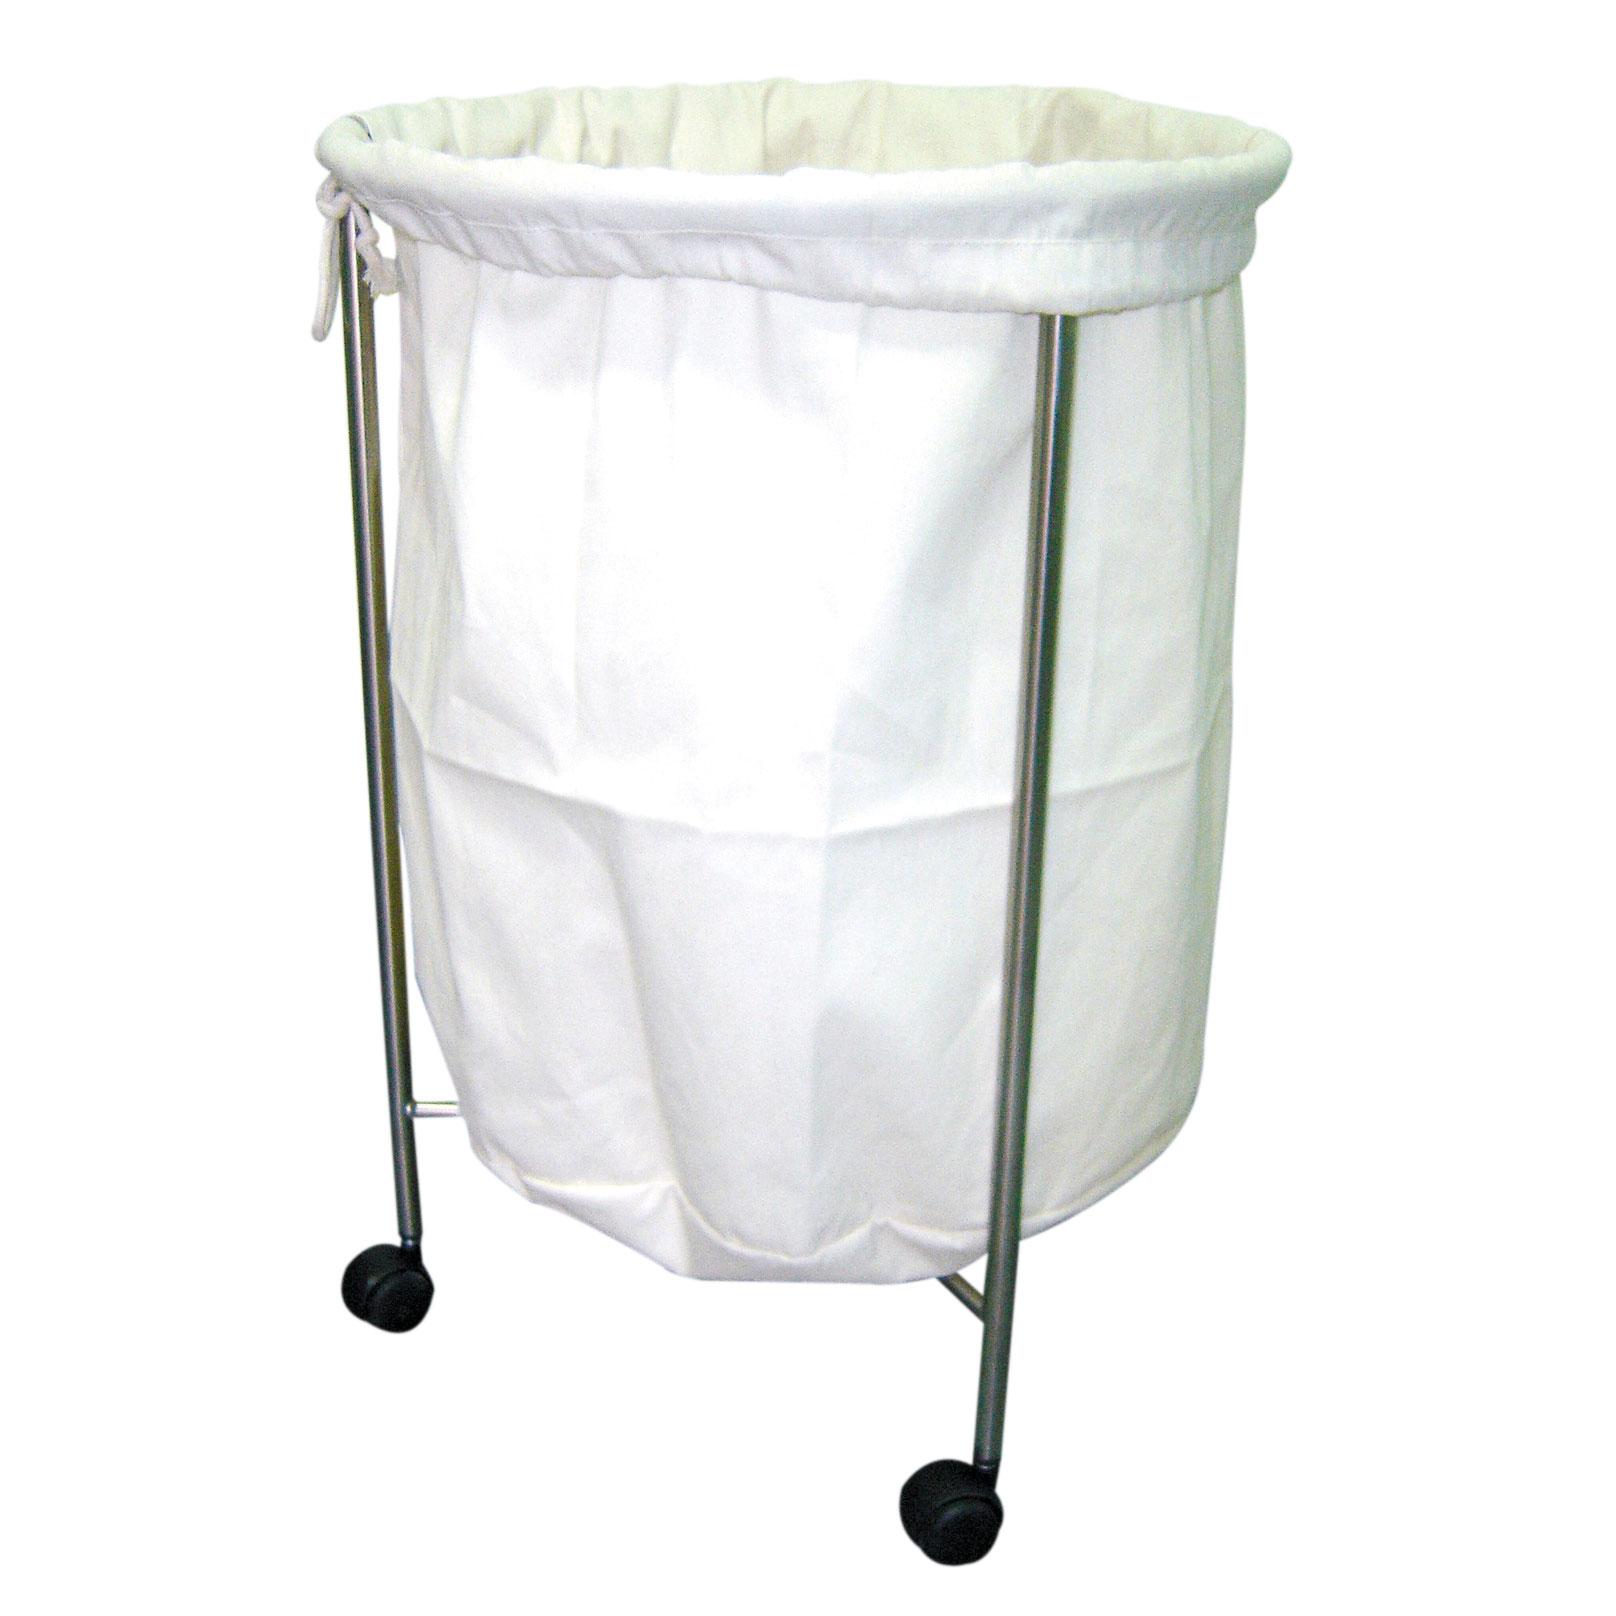 Coletor de roupas (hamper) inox com saco